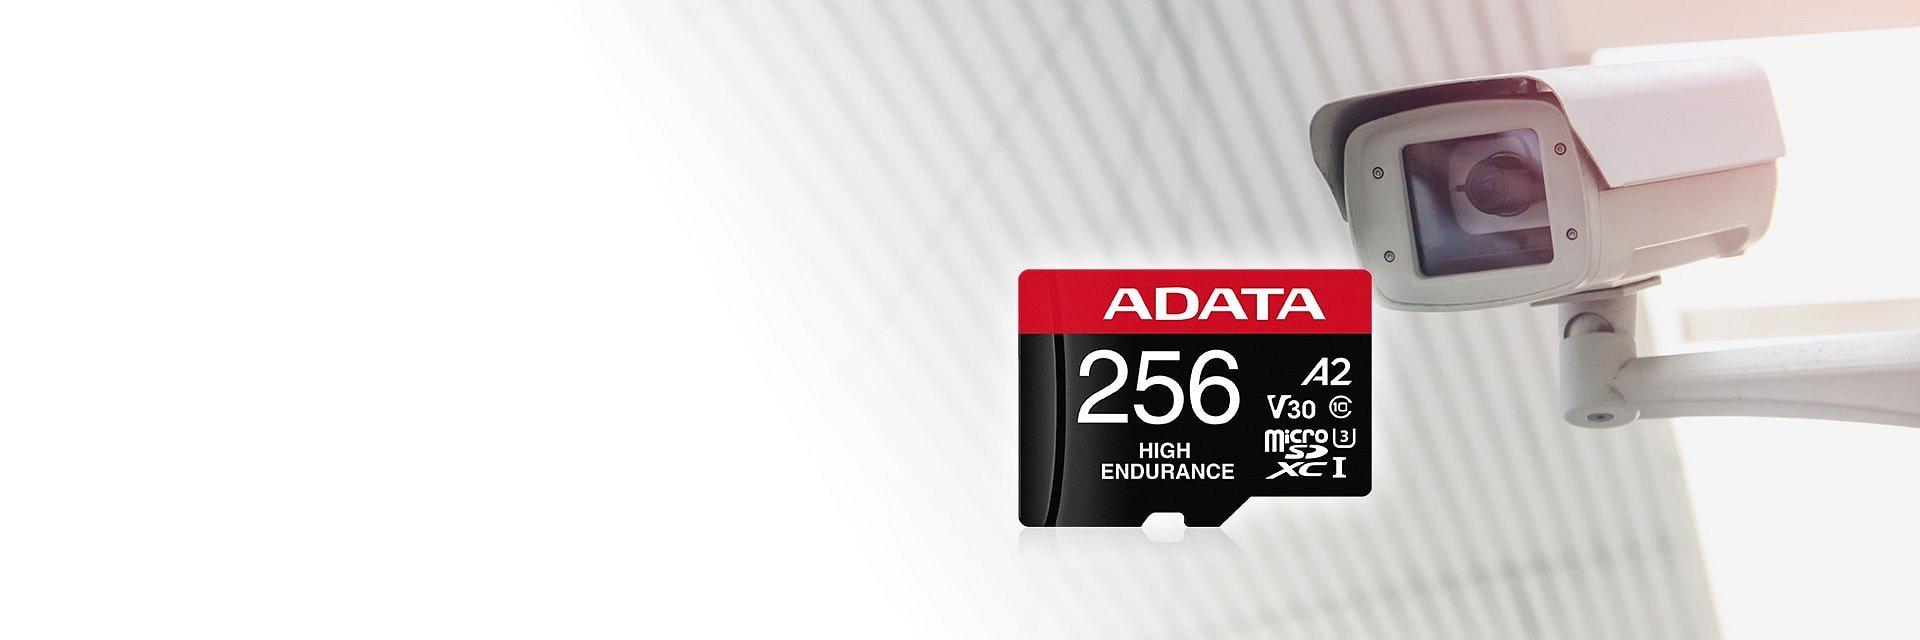 ADATA Premier Pro microSDXC/SDHC High Endurance – karty pamięci dla najbardziej wymagających